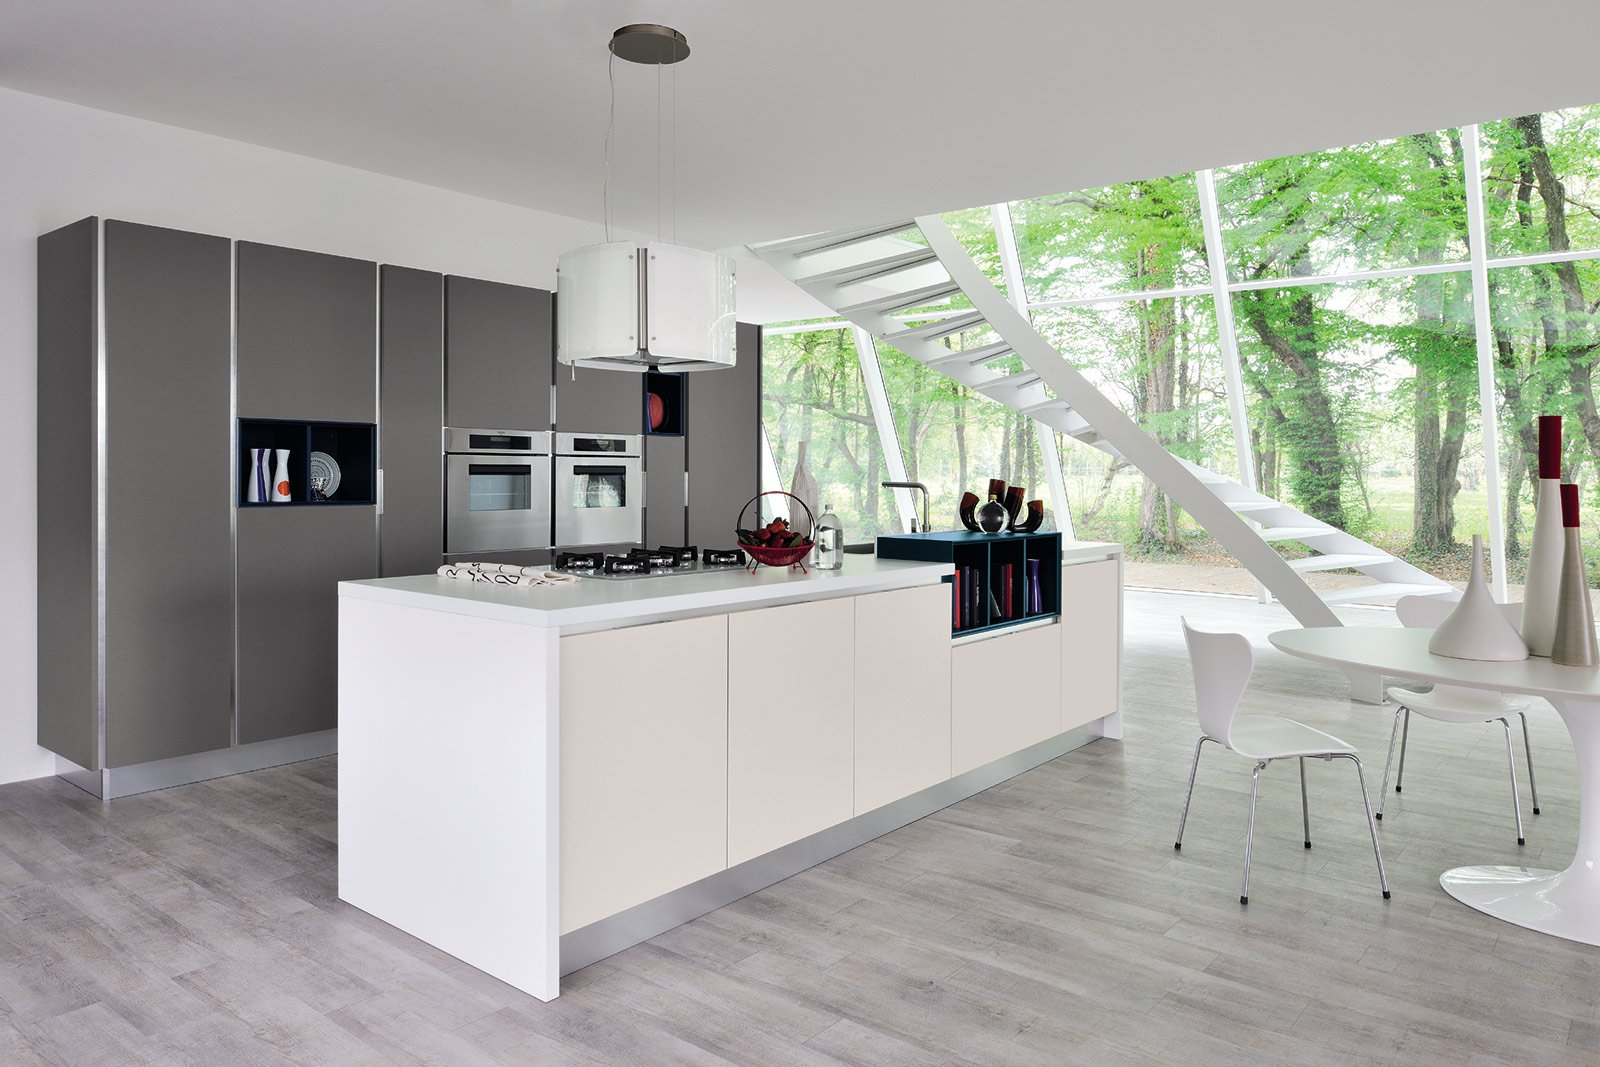 La cucina con l 39 isola monocromatica o bicolore cose di casa for Modele de cuisine design italien